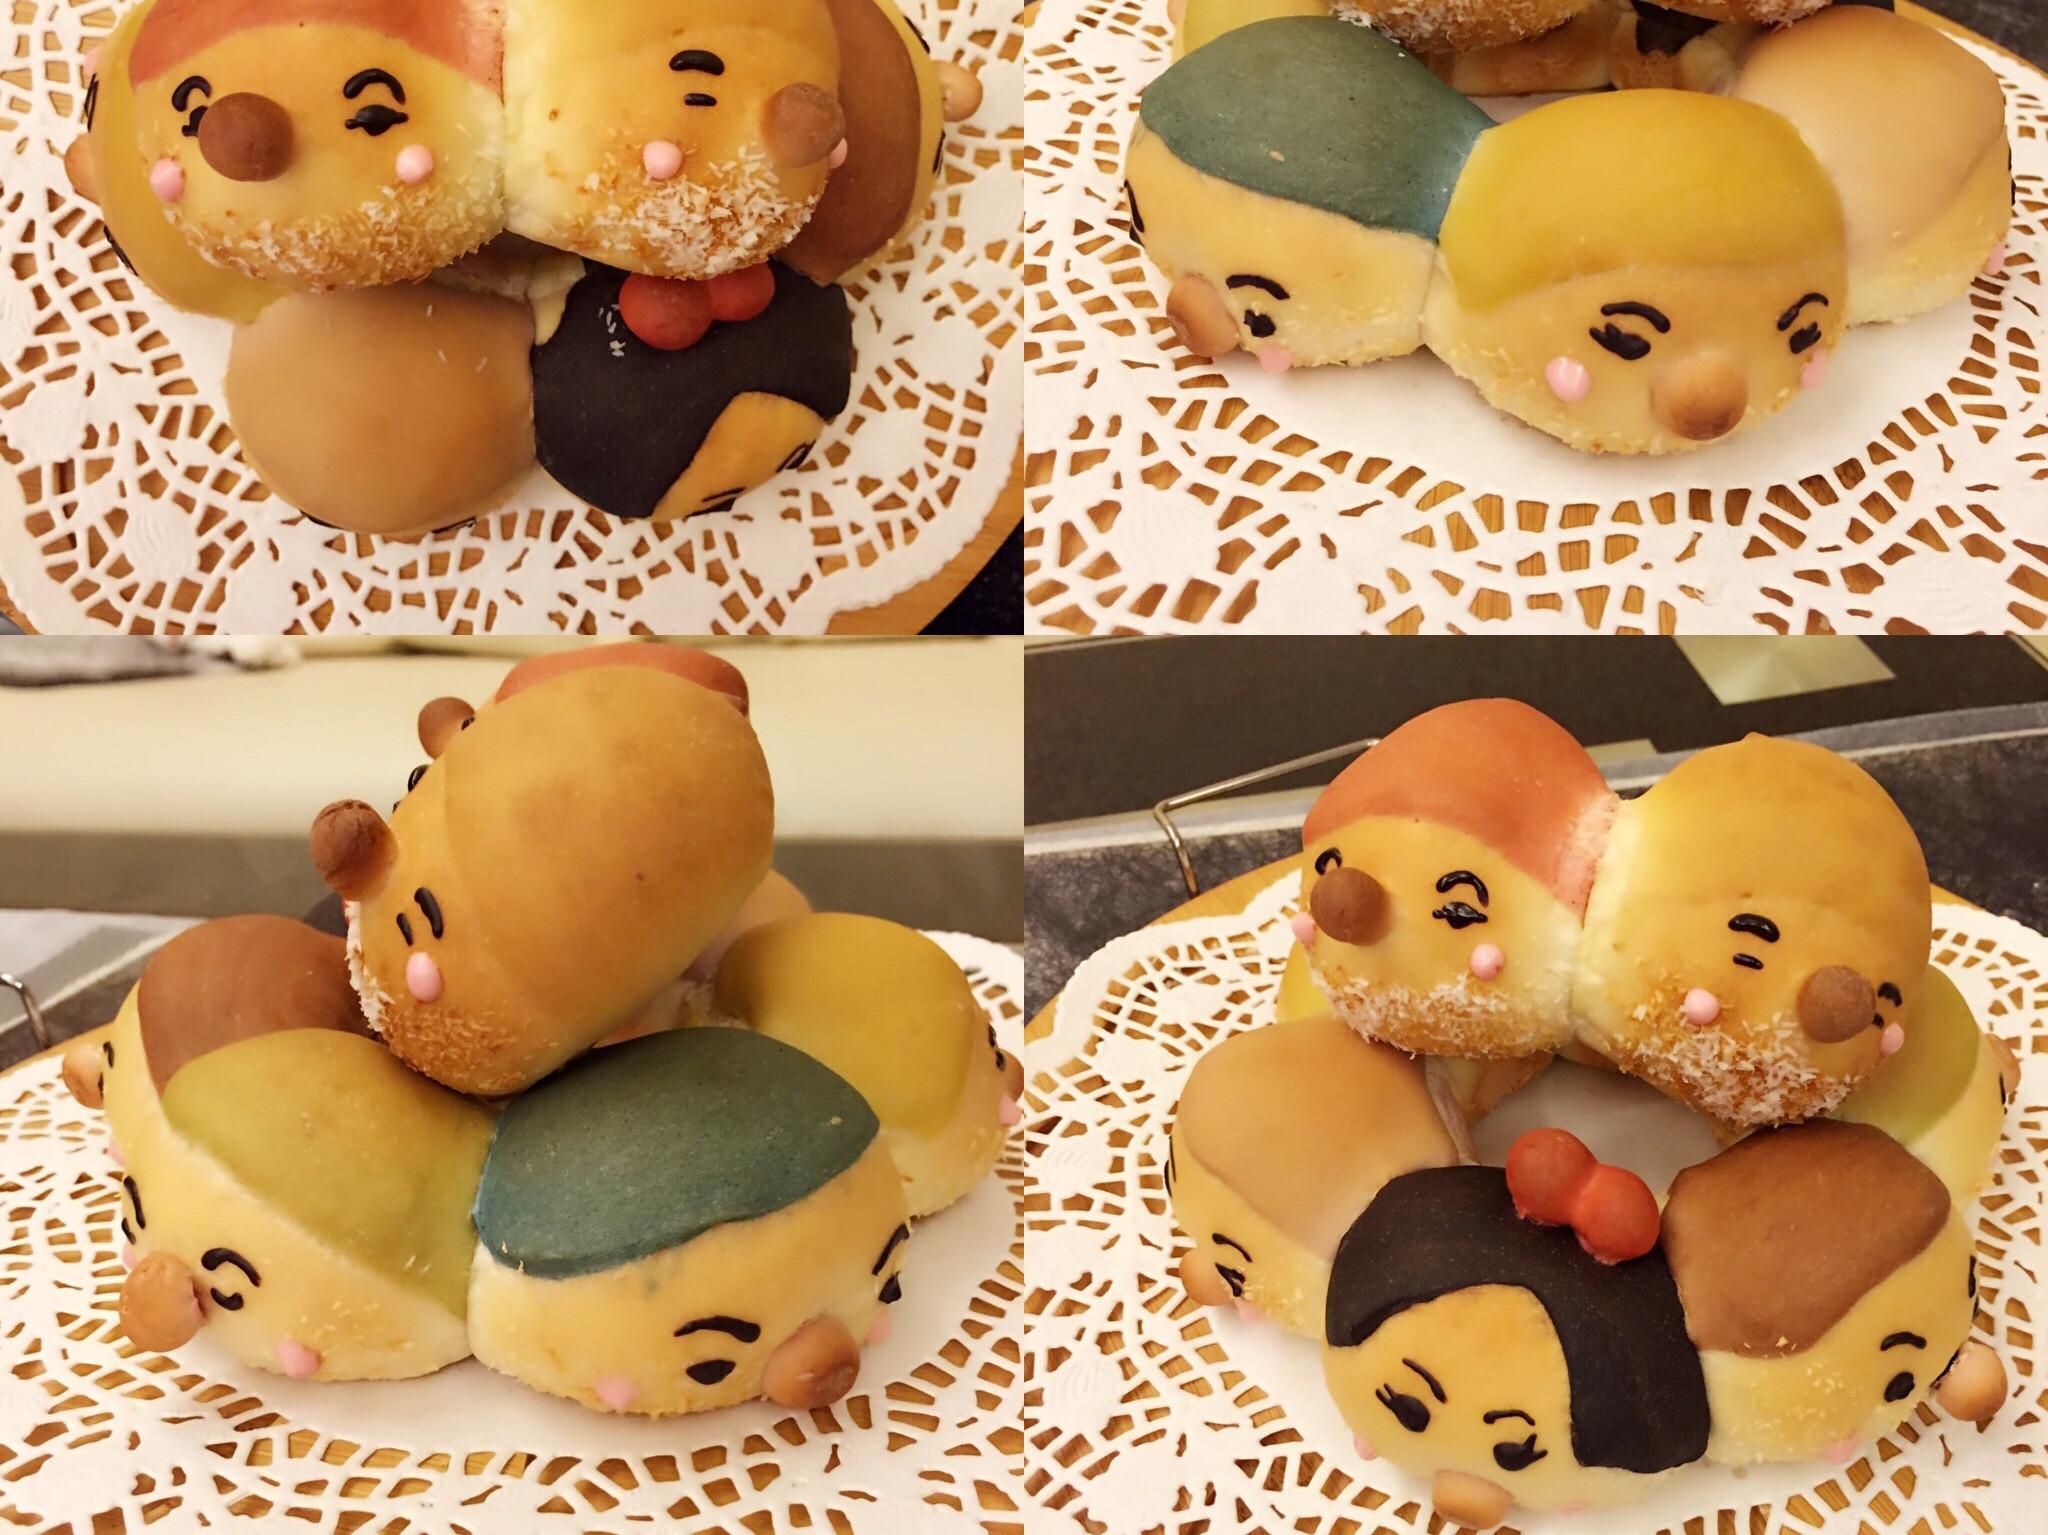 白雪公主和七矮人麵包